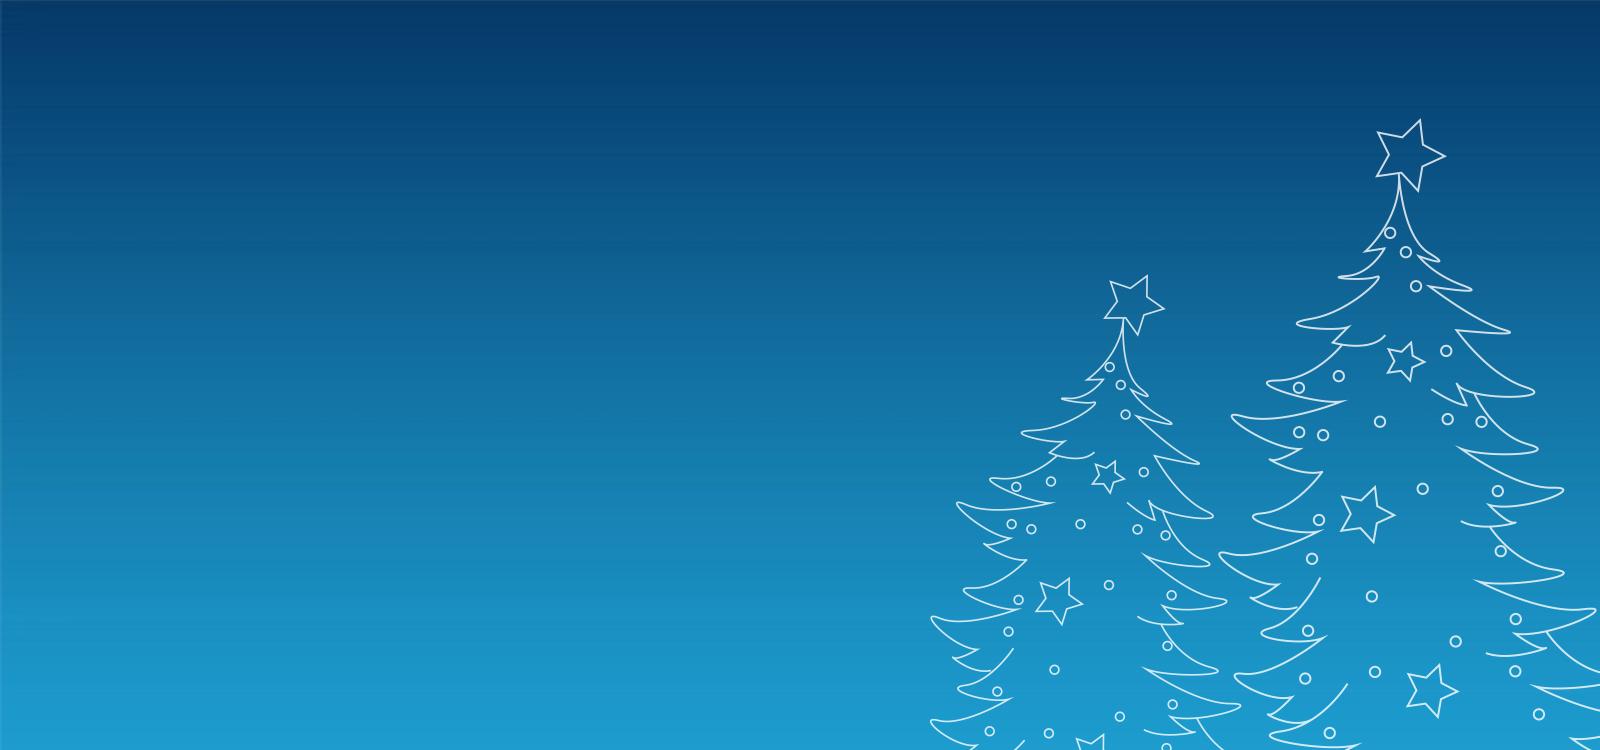 HIRSCHMANN wünscht frohe Weihnachten